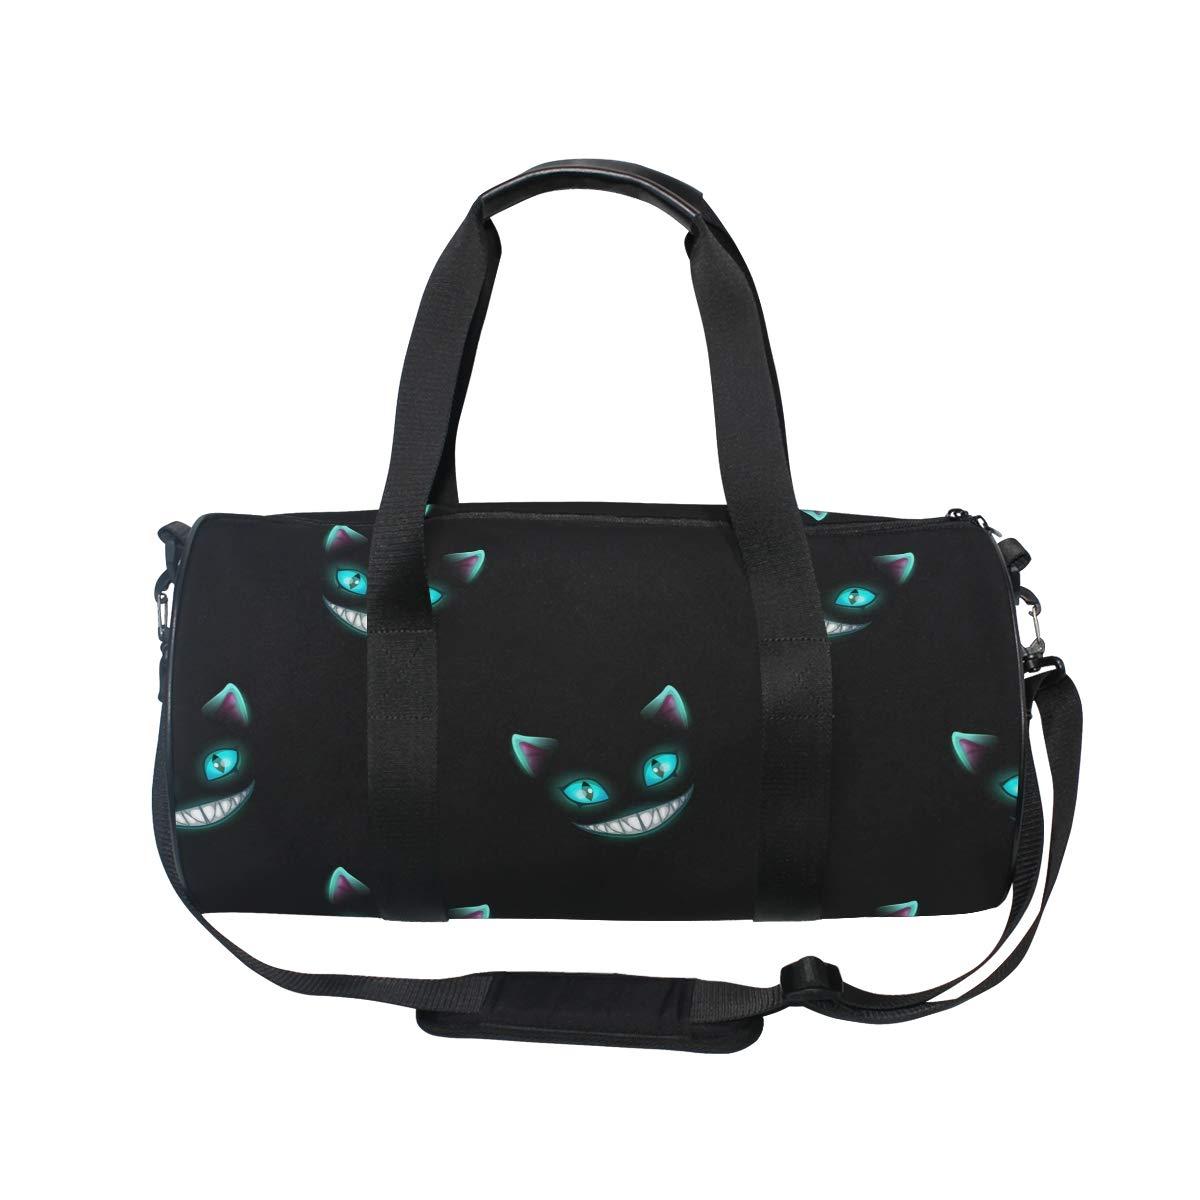 Mnsruu - Bolsa de Deporte para Gimnasio, diseño de Caras de Gato, Color Negro: Amazon.es: Deportes y aire libre